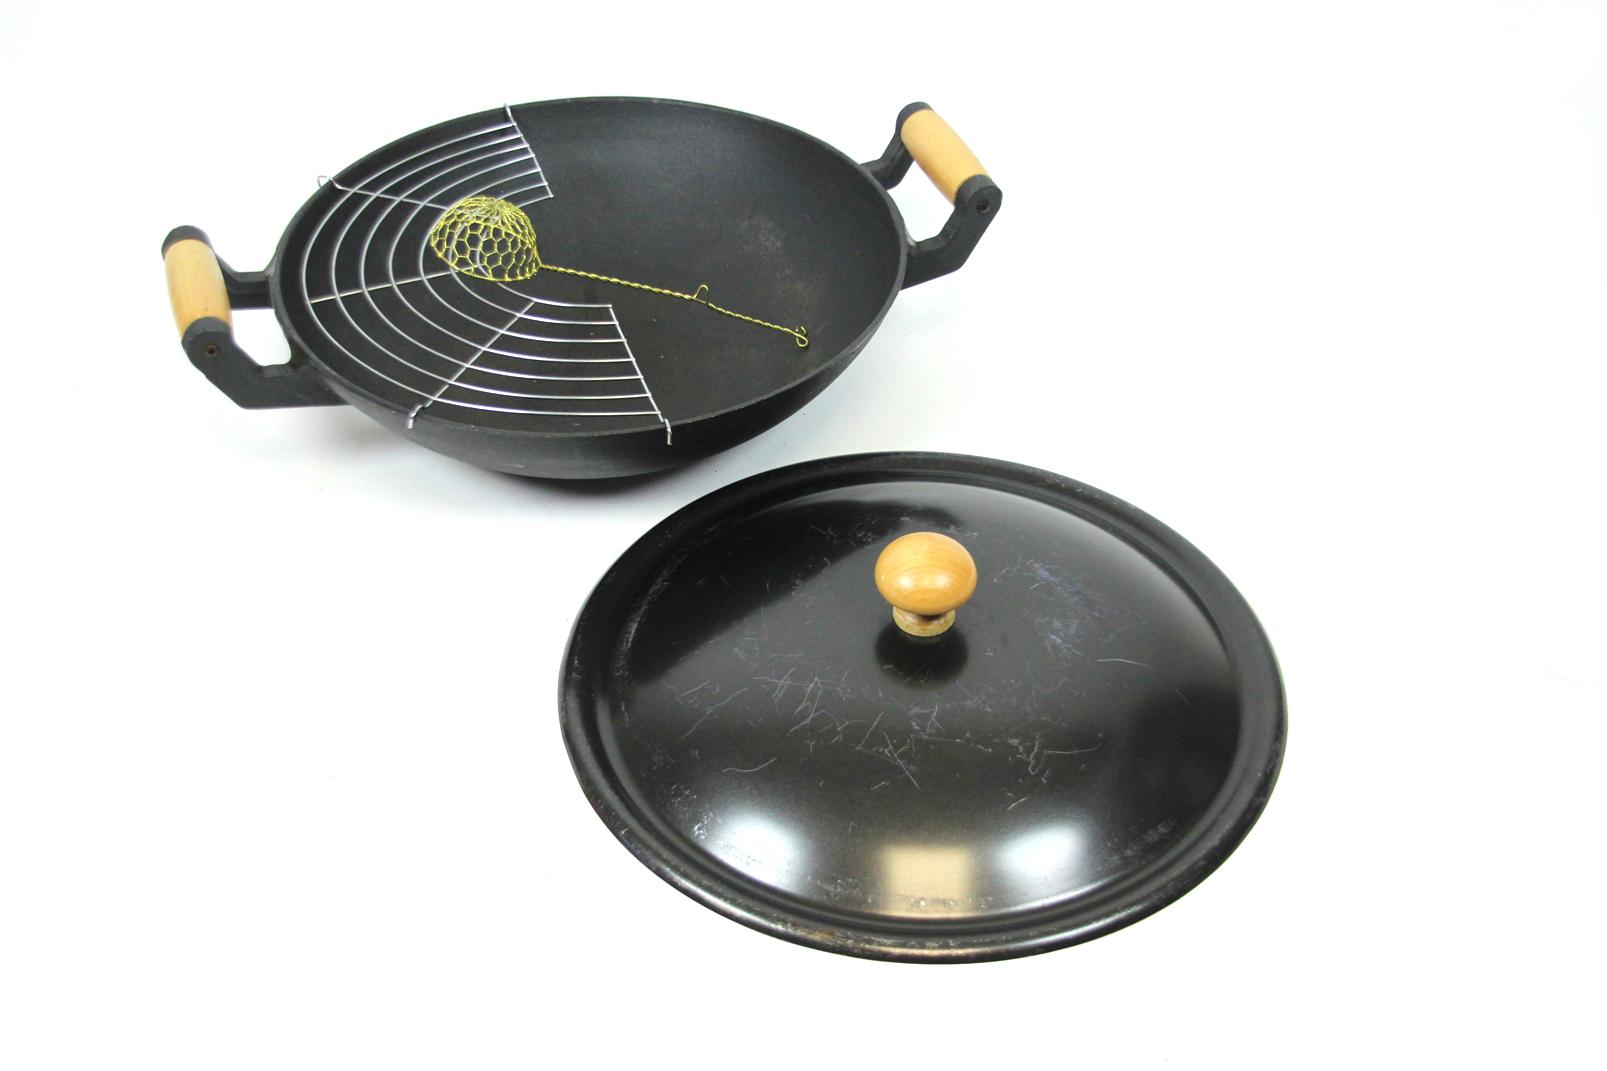 wok pfanne gusseisen schwarz mit deckel rost 36 cm holz griffe wokpfanne guss ebay. Black Bedroom Furniture Sets. Home Design Ideas